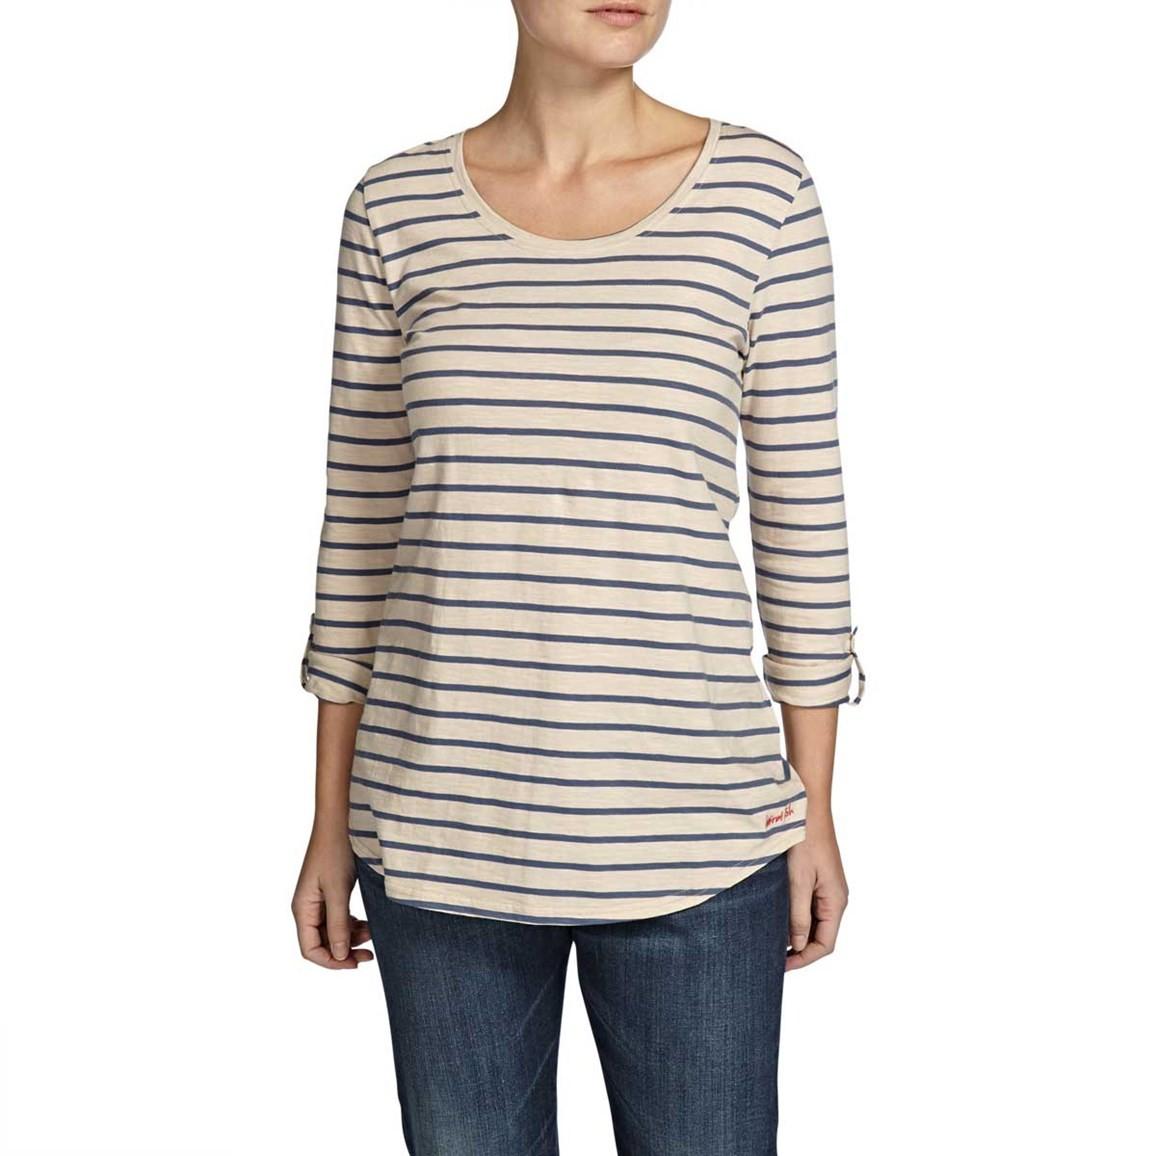 Fairfax Striped Long Sleeve Slub T-Shirt Pebble